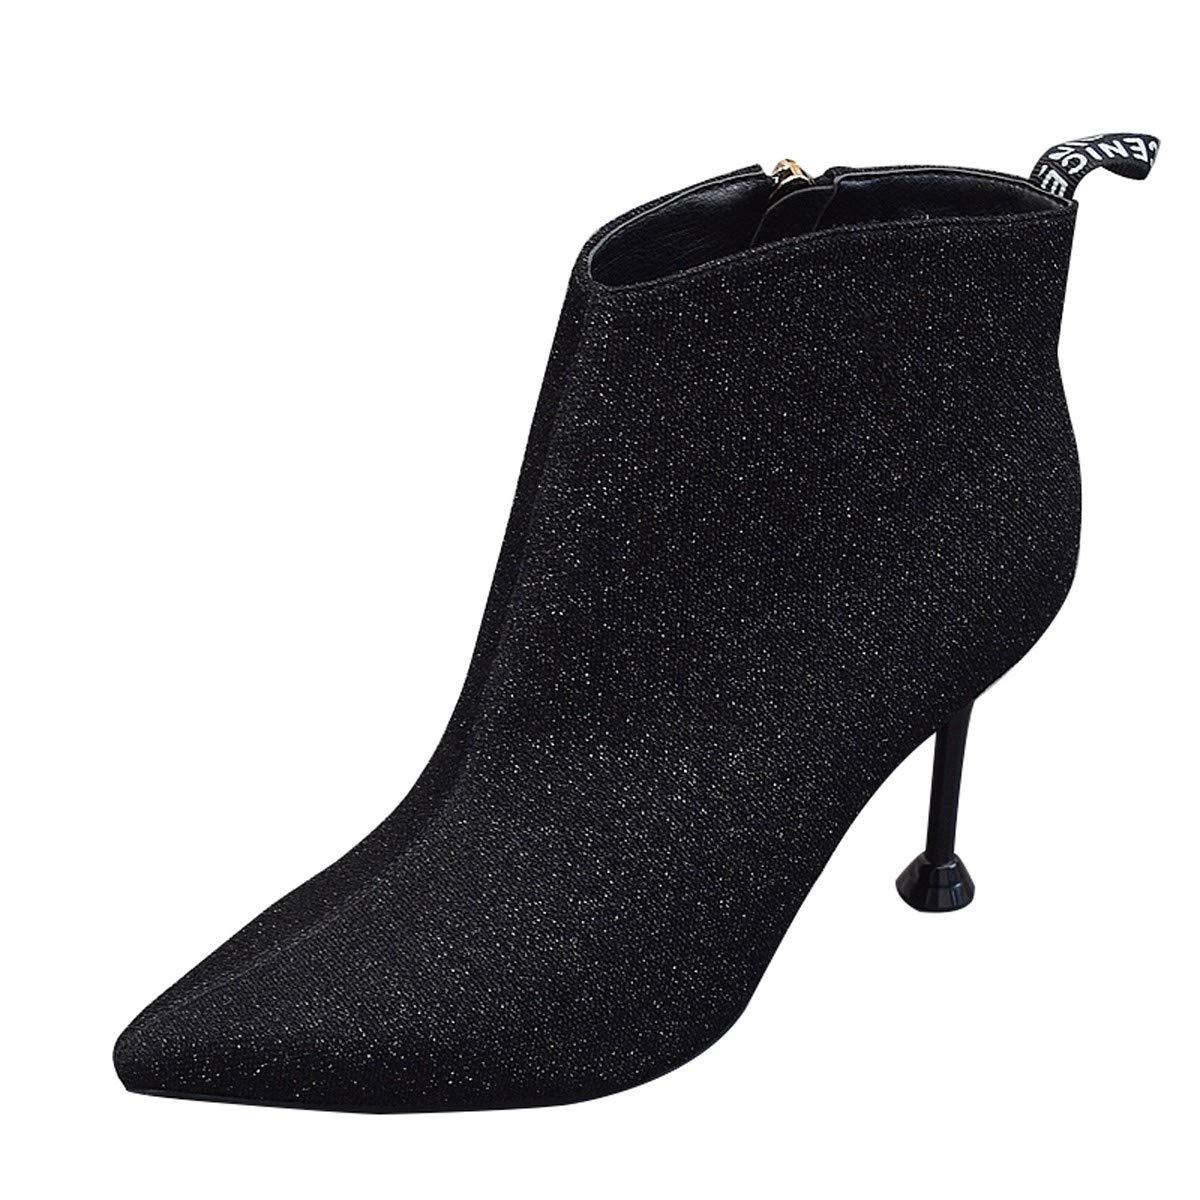 LBTSQ-Kurze Stiefel Schuhe Mit Hohen Absätzen 8Cm Schlank Dünn Und Verwies Martin Stiefel Mit Stiefeln Damenschuhe.